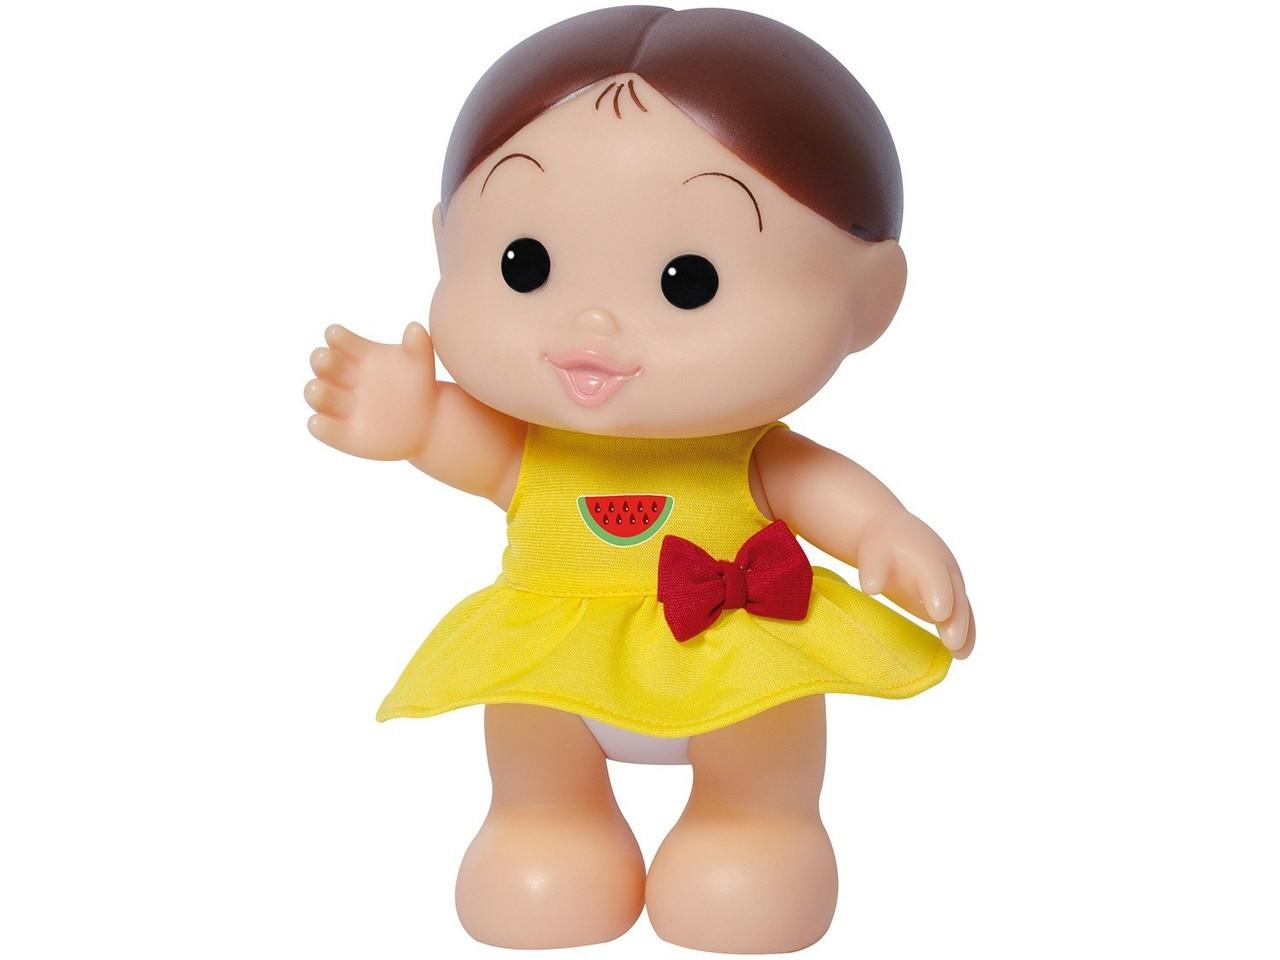 Boneca Turma da Mônica Iti Malia Magali 24 cm Baby Brink